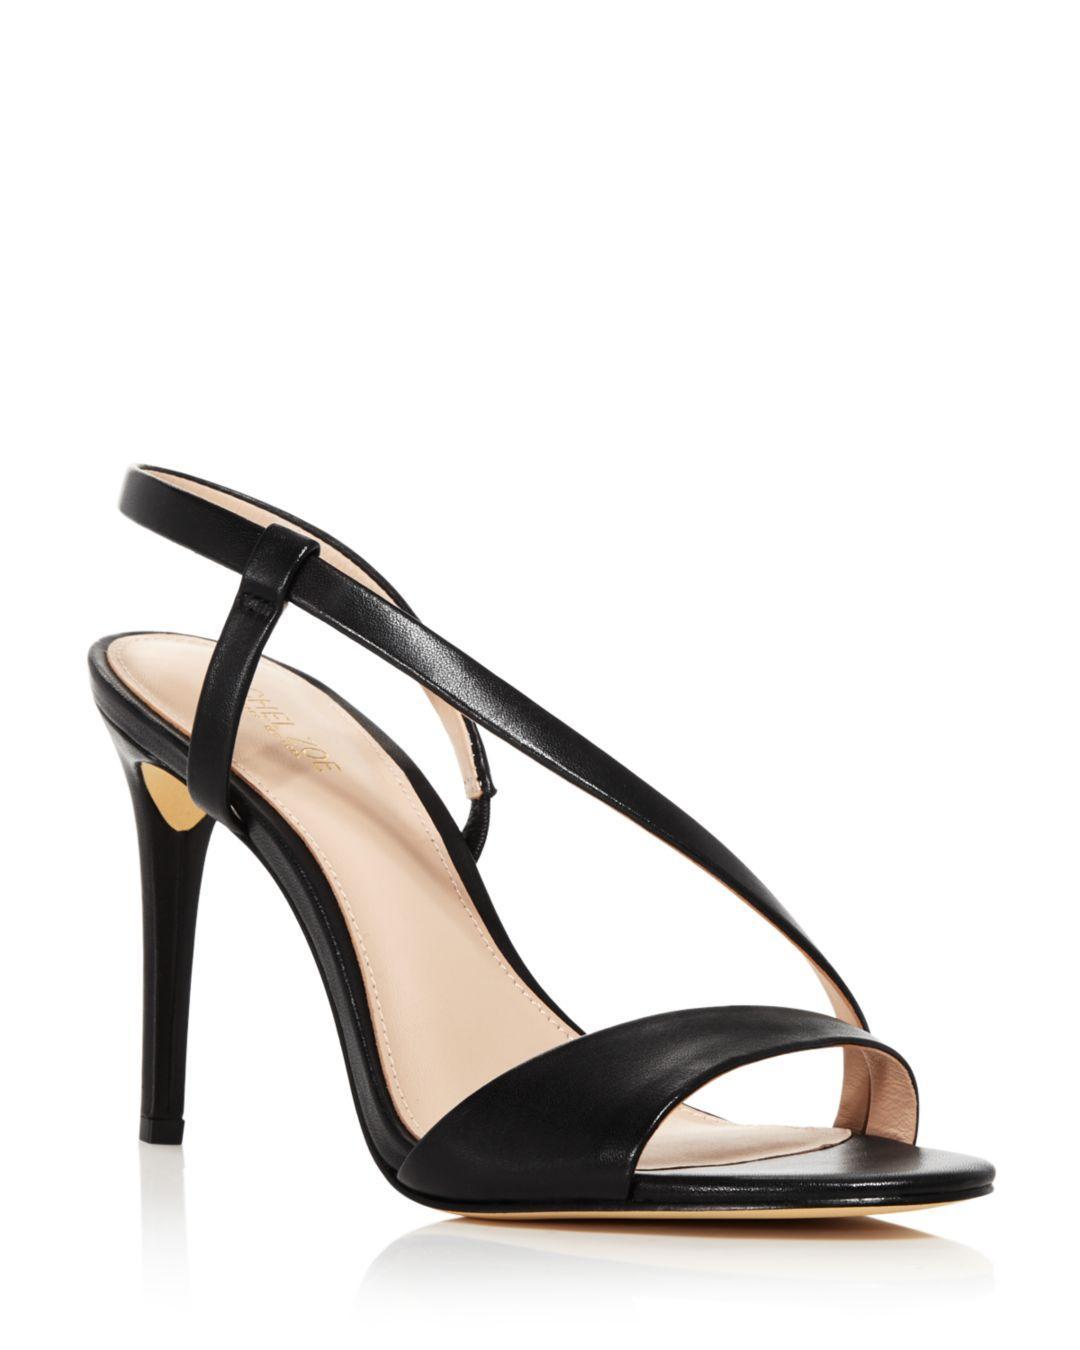 d4ed3d9abf0 Rachel Zoe Women s Nina High-heel Sandals in Black - Lyst